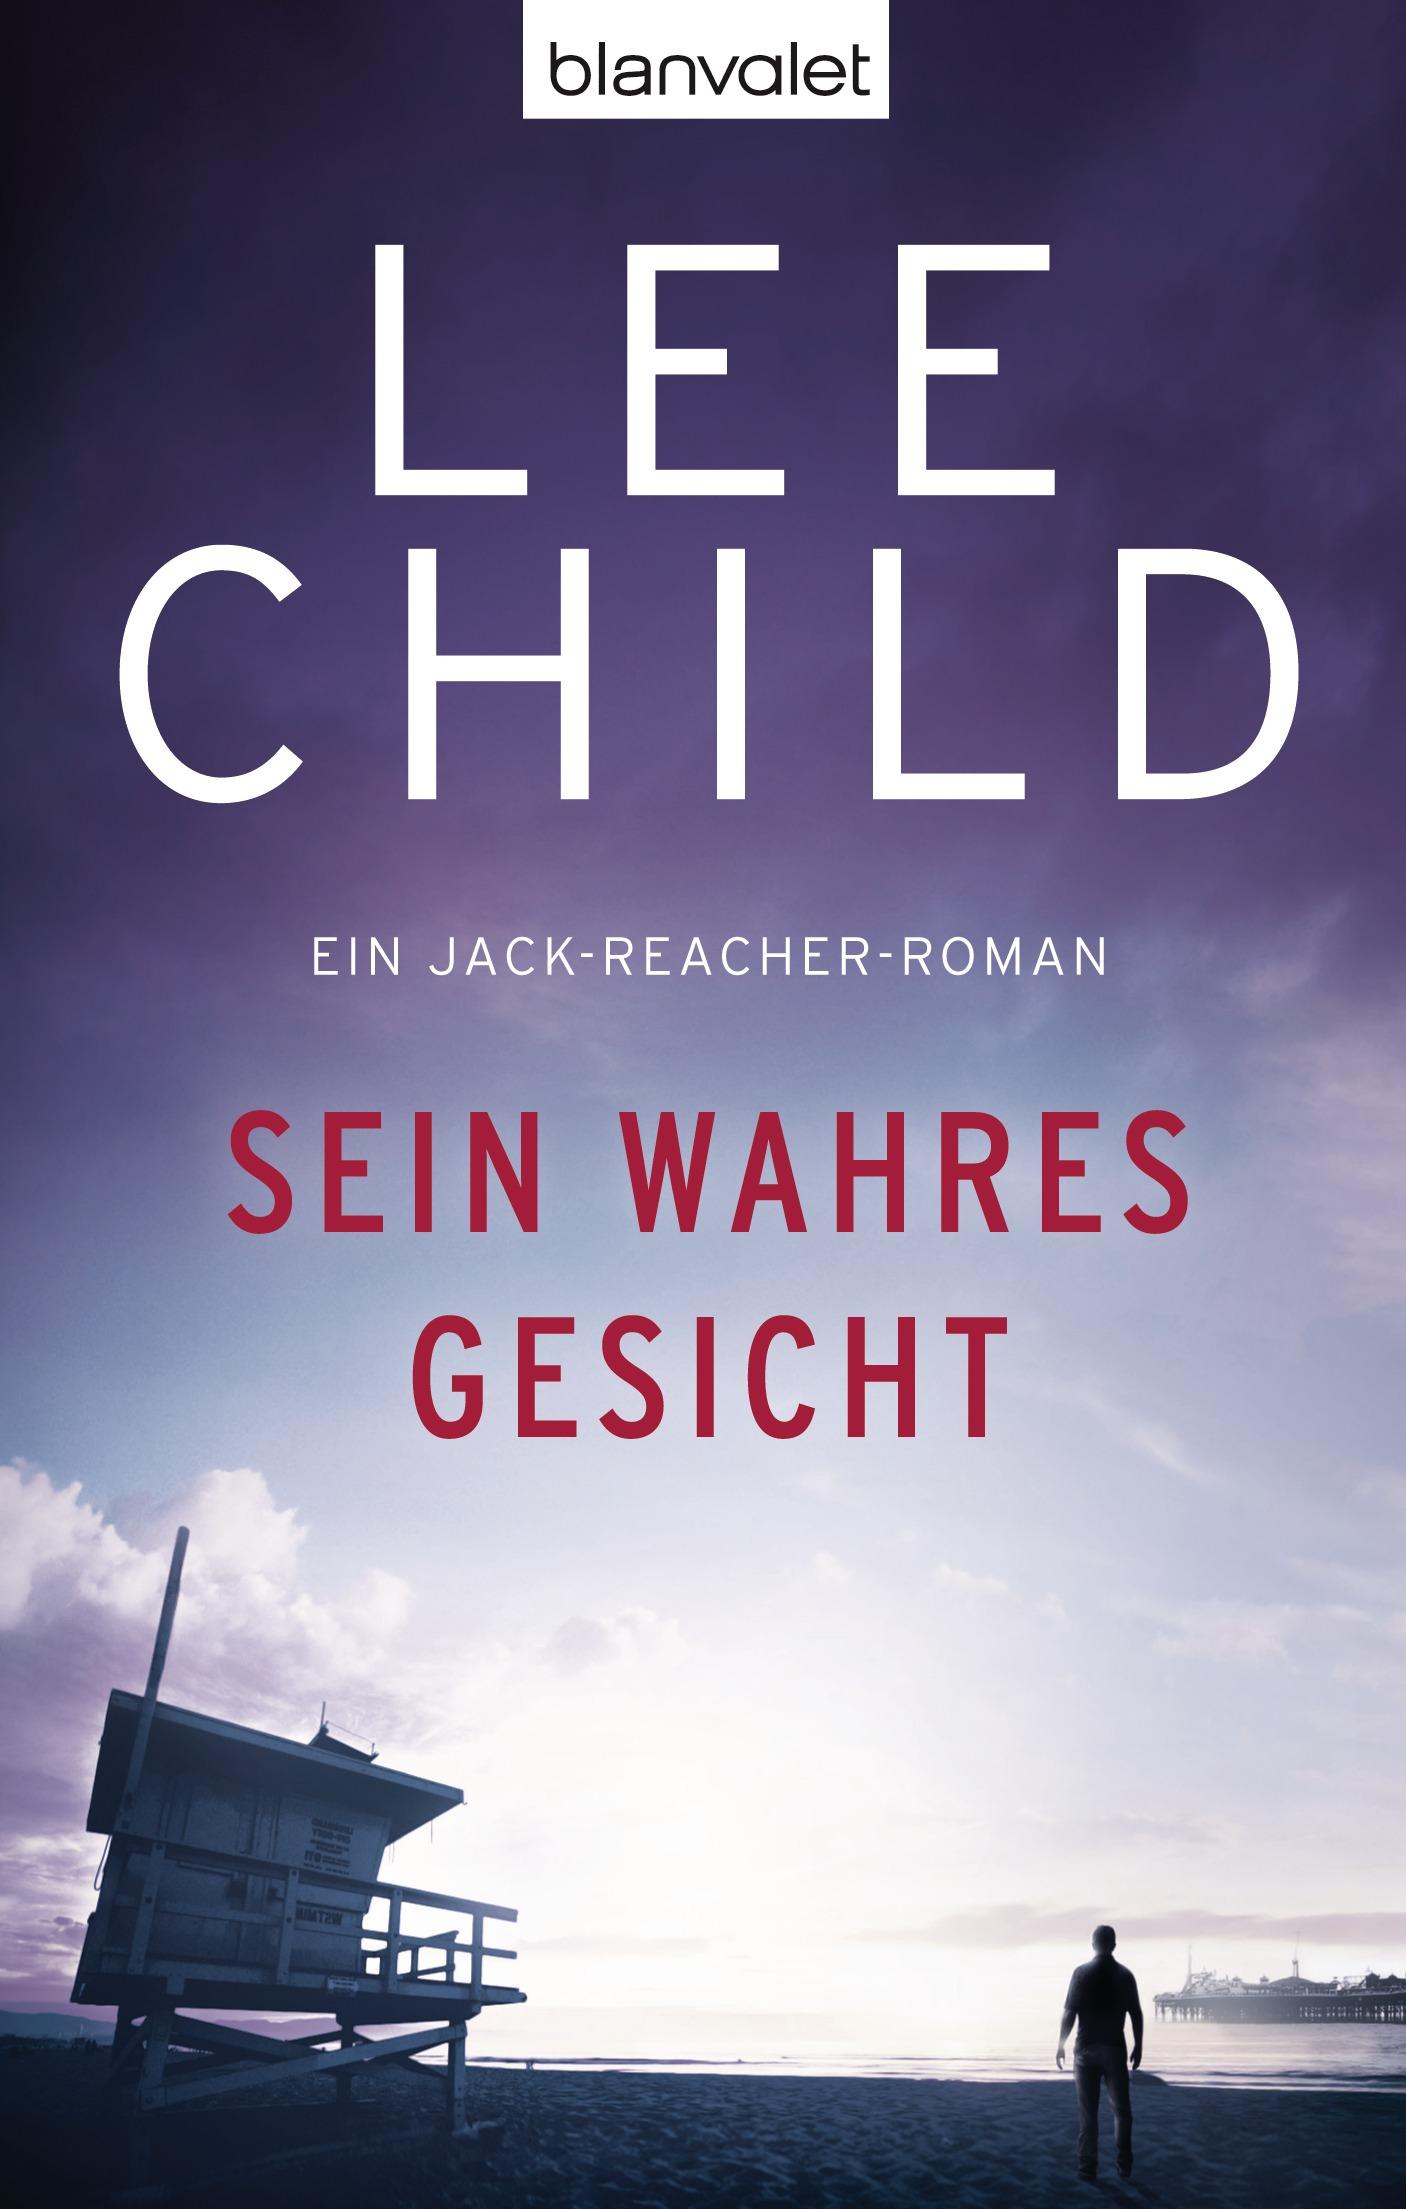 Sein wahres Gesicht - Ein Jack-Reacher-Roman - Lee Child